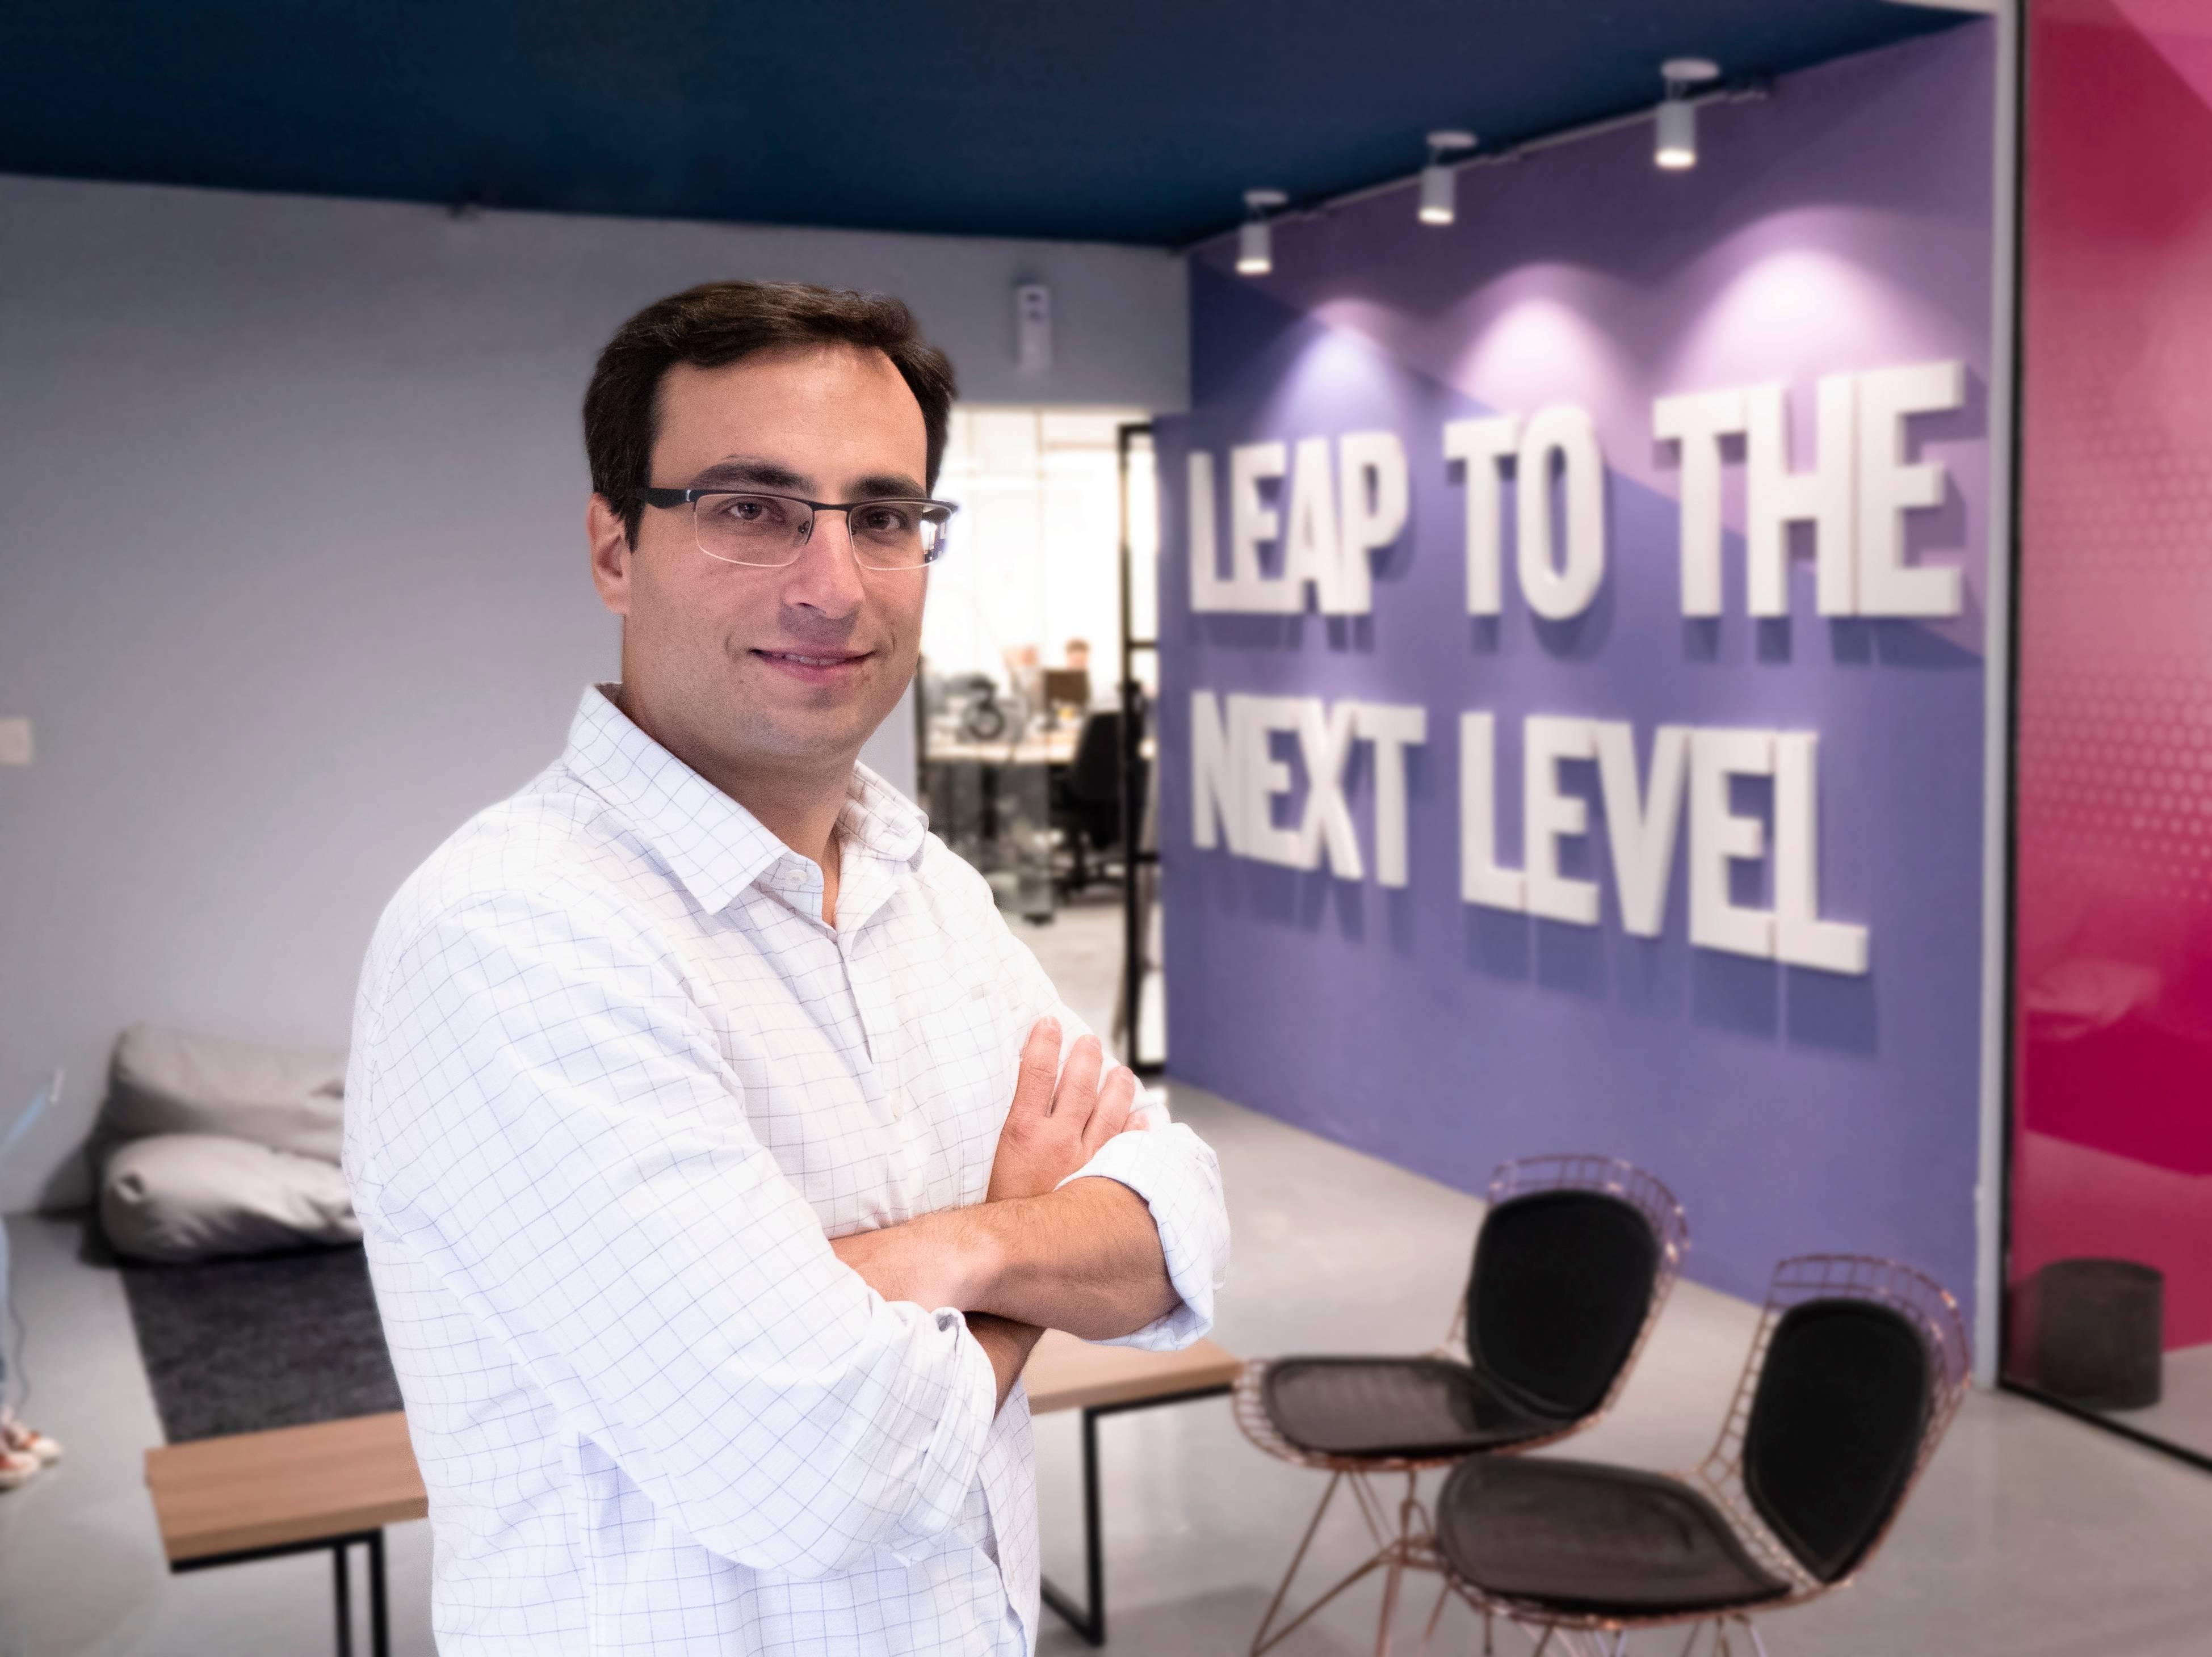 Gustavo Gierun, cofundador do Distrito, plataforma de inovação para startups, empresas e investidores. Foto: Divulgação.